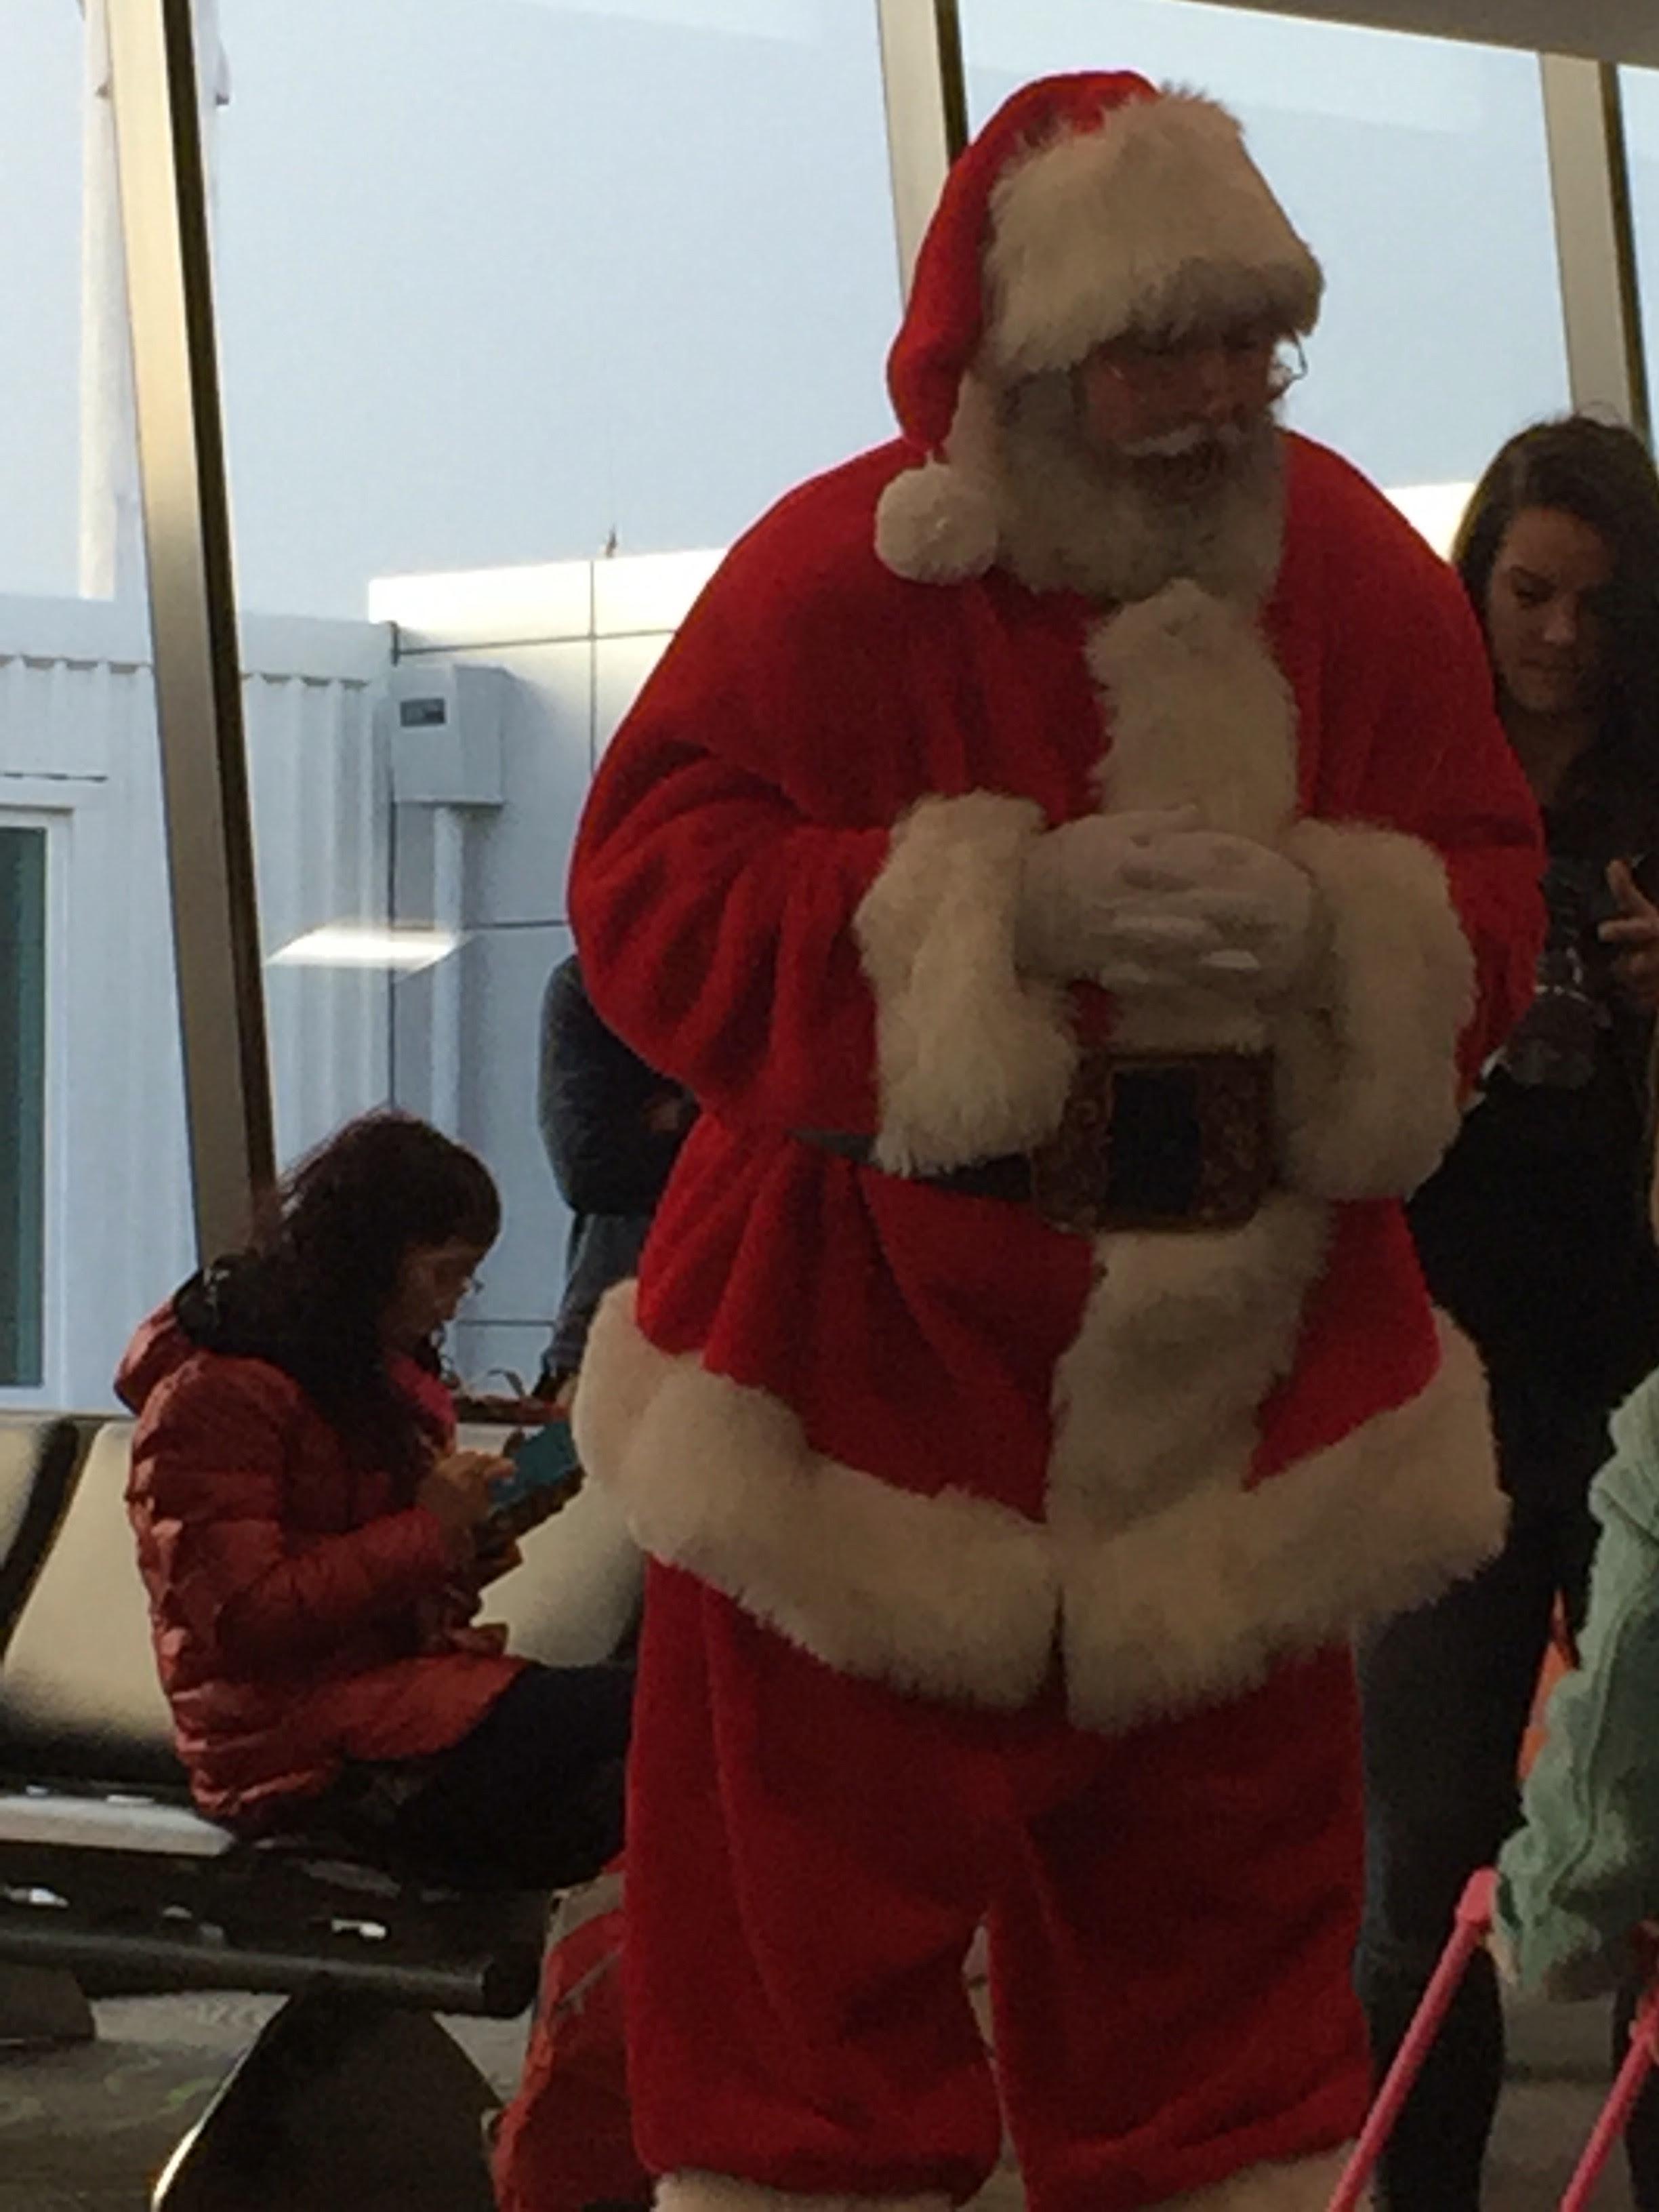 SANTA CONVERSING WITH KIDS AT THE AIRPORT